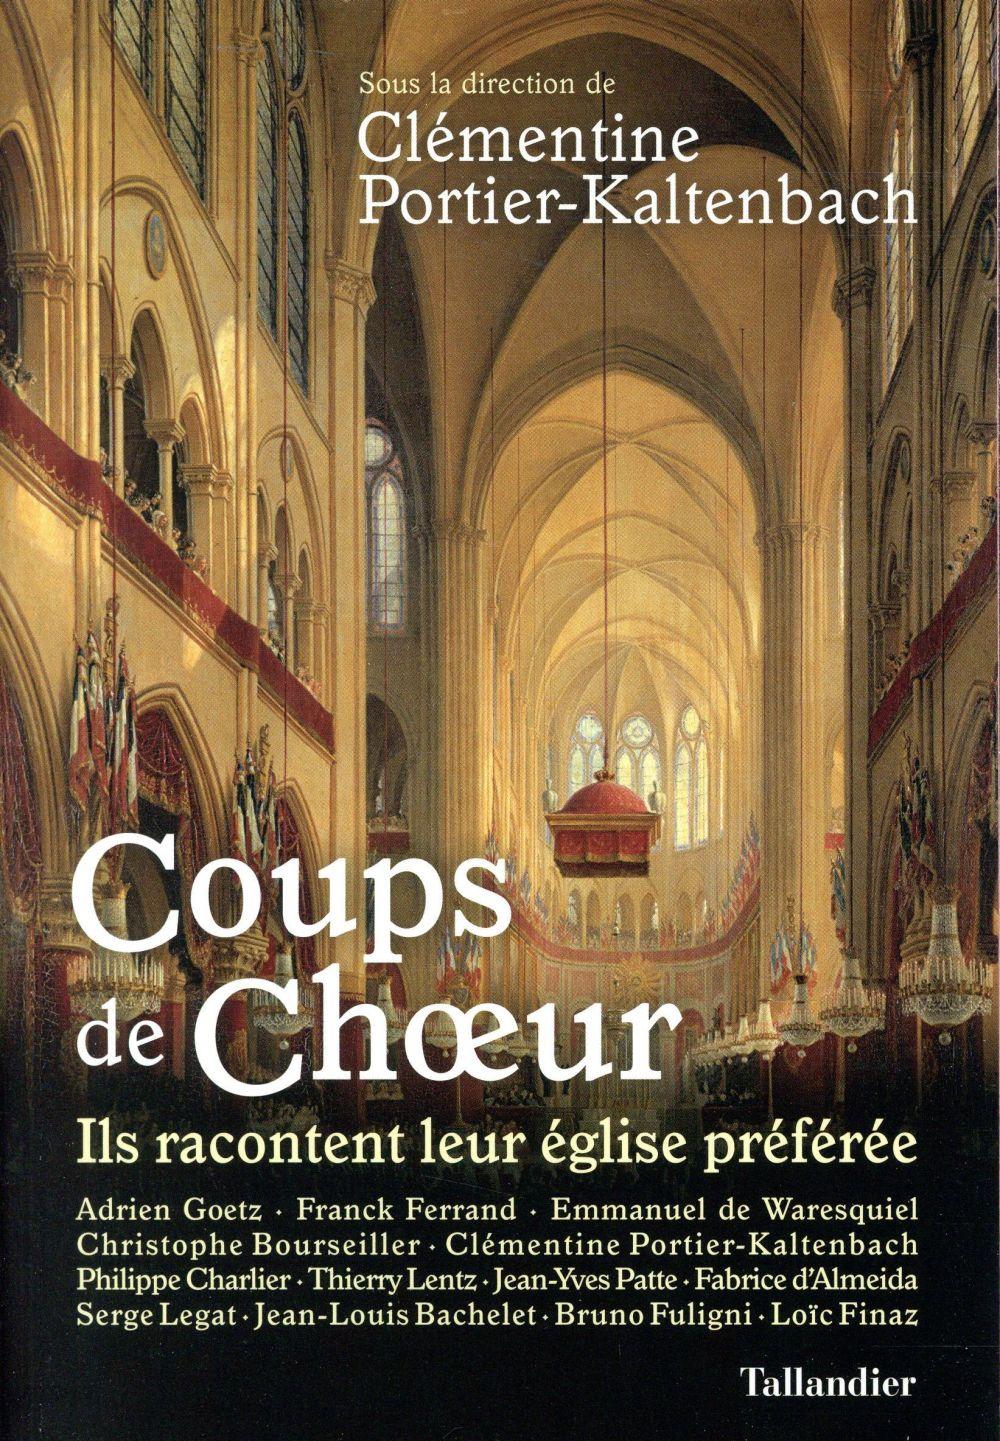 COUPS DE CHOEUR